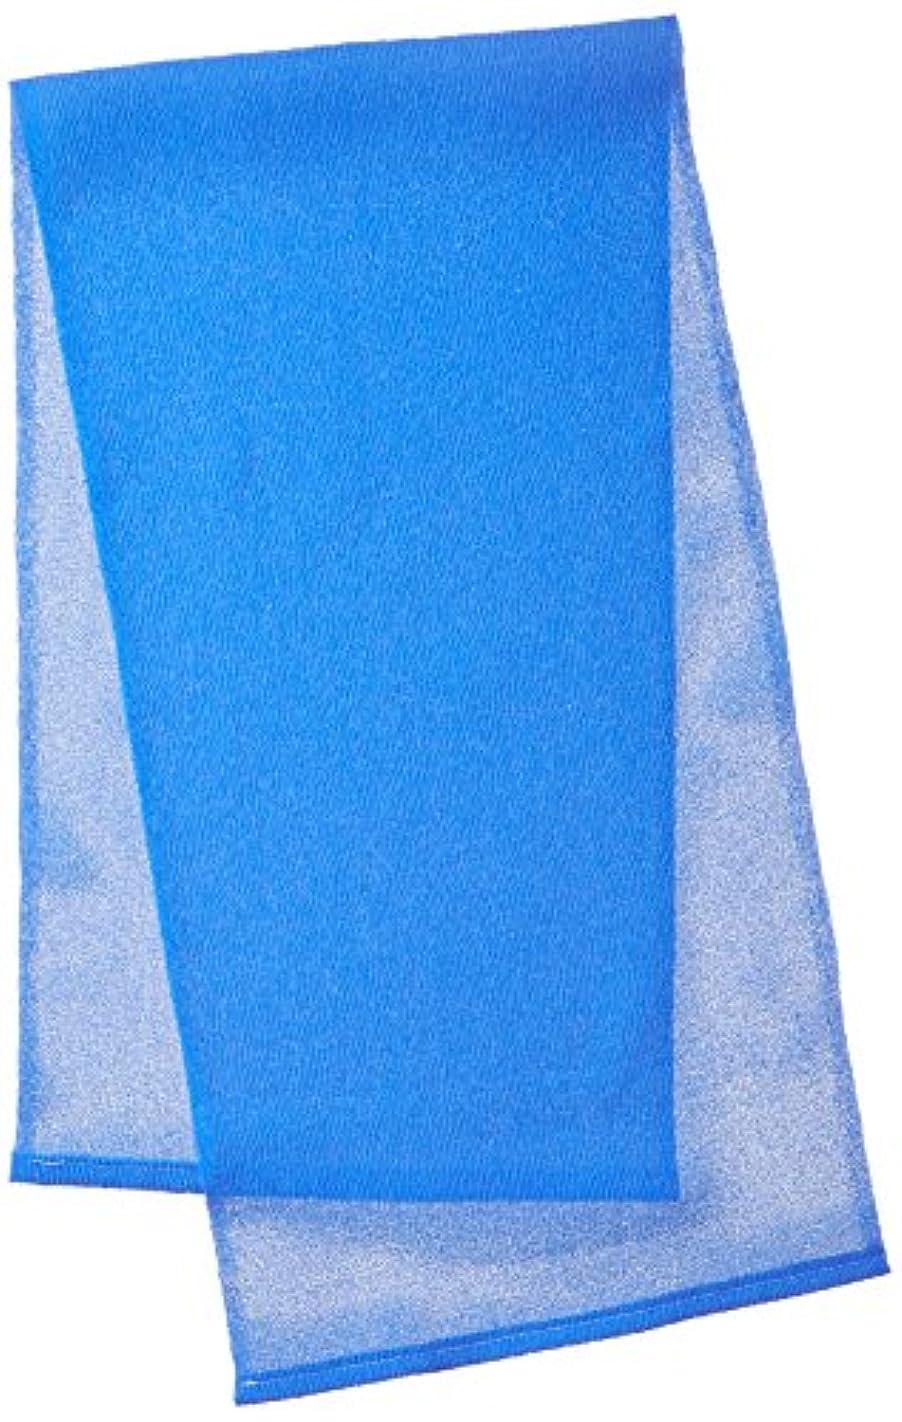 見落とす開始浸すキクロン メンズ用 グッメン オトコのボディタオル ベリーハード スプラッシュブルー